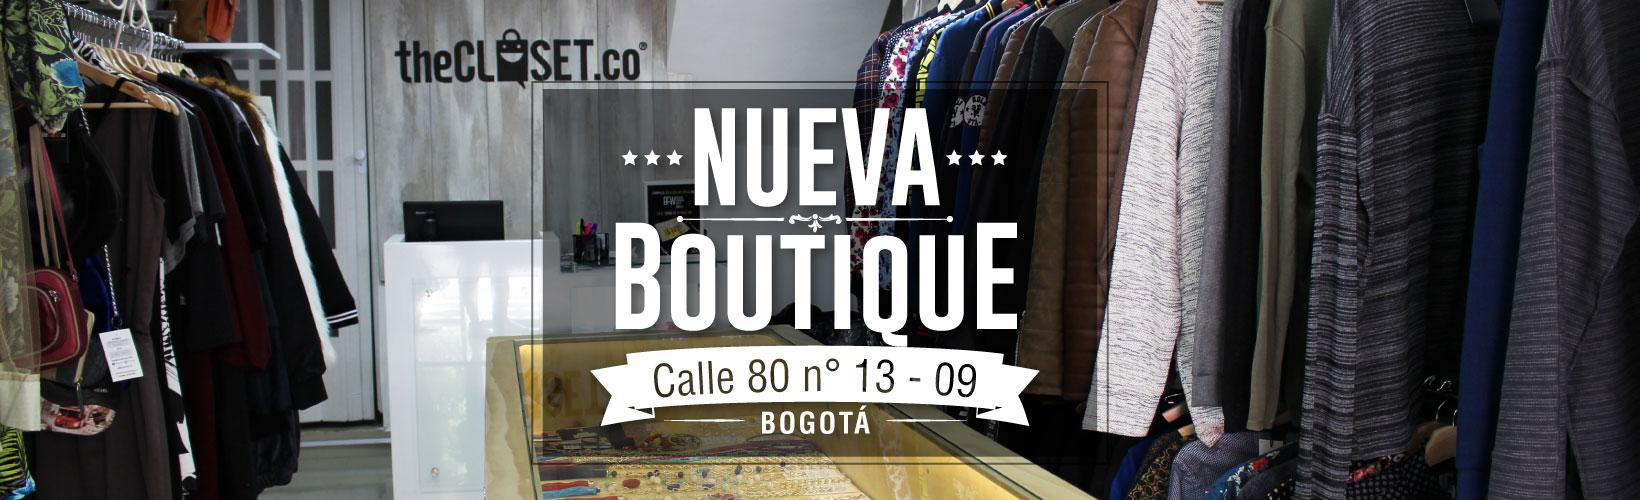 nueva boutique thecloset.co en el norte de bogota